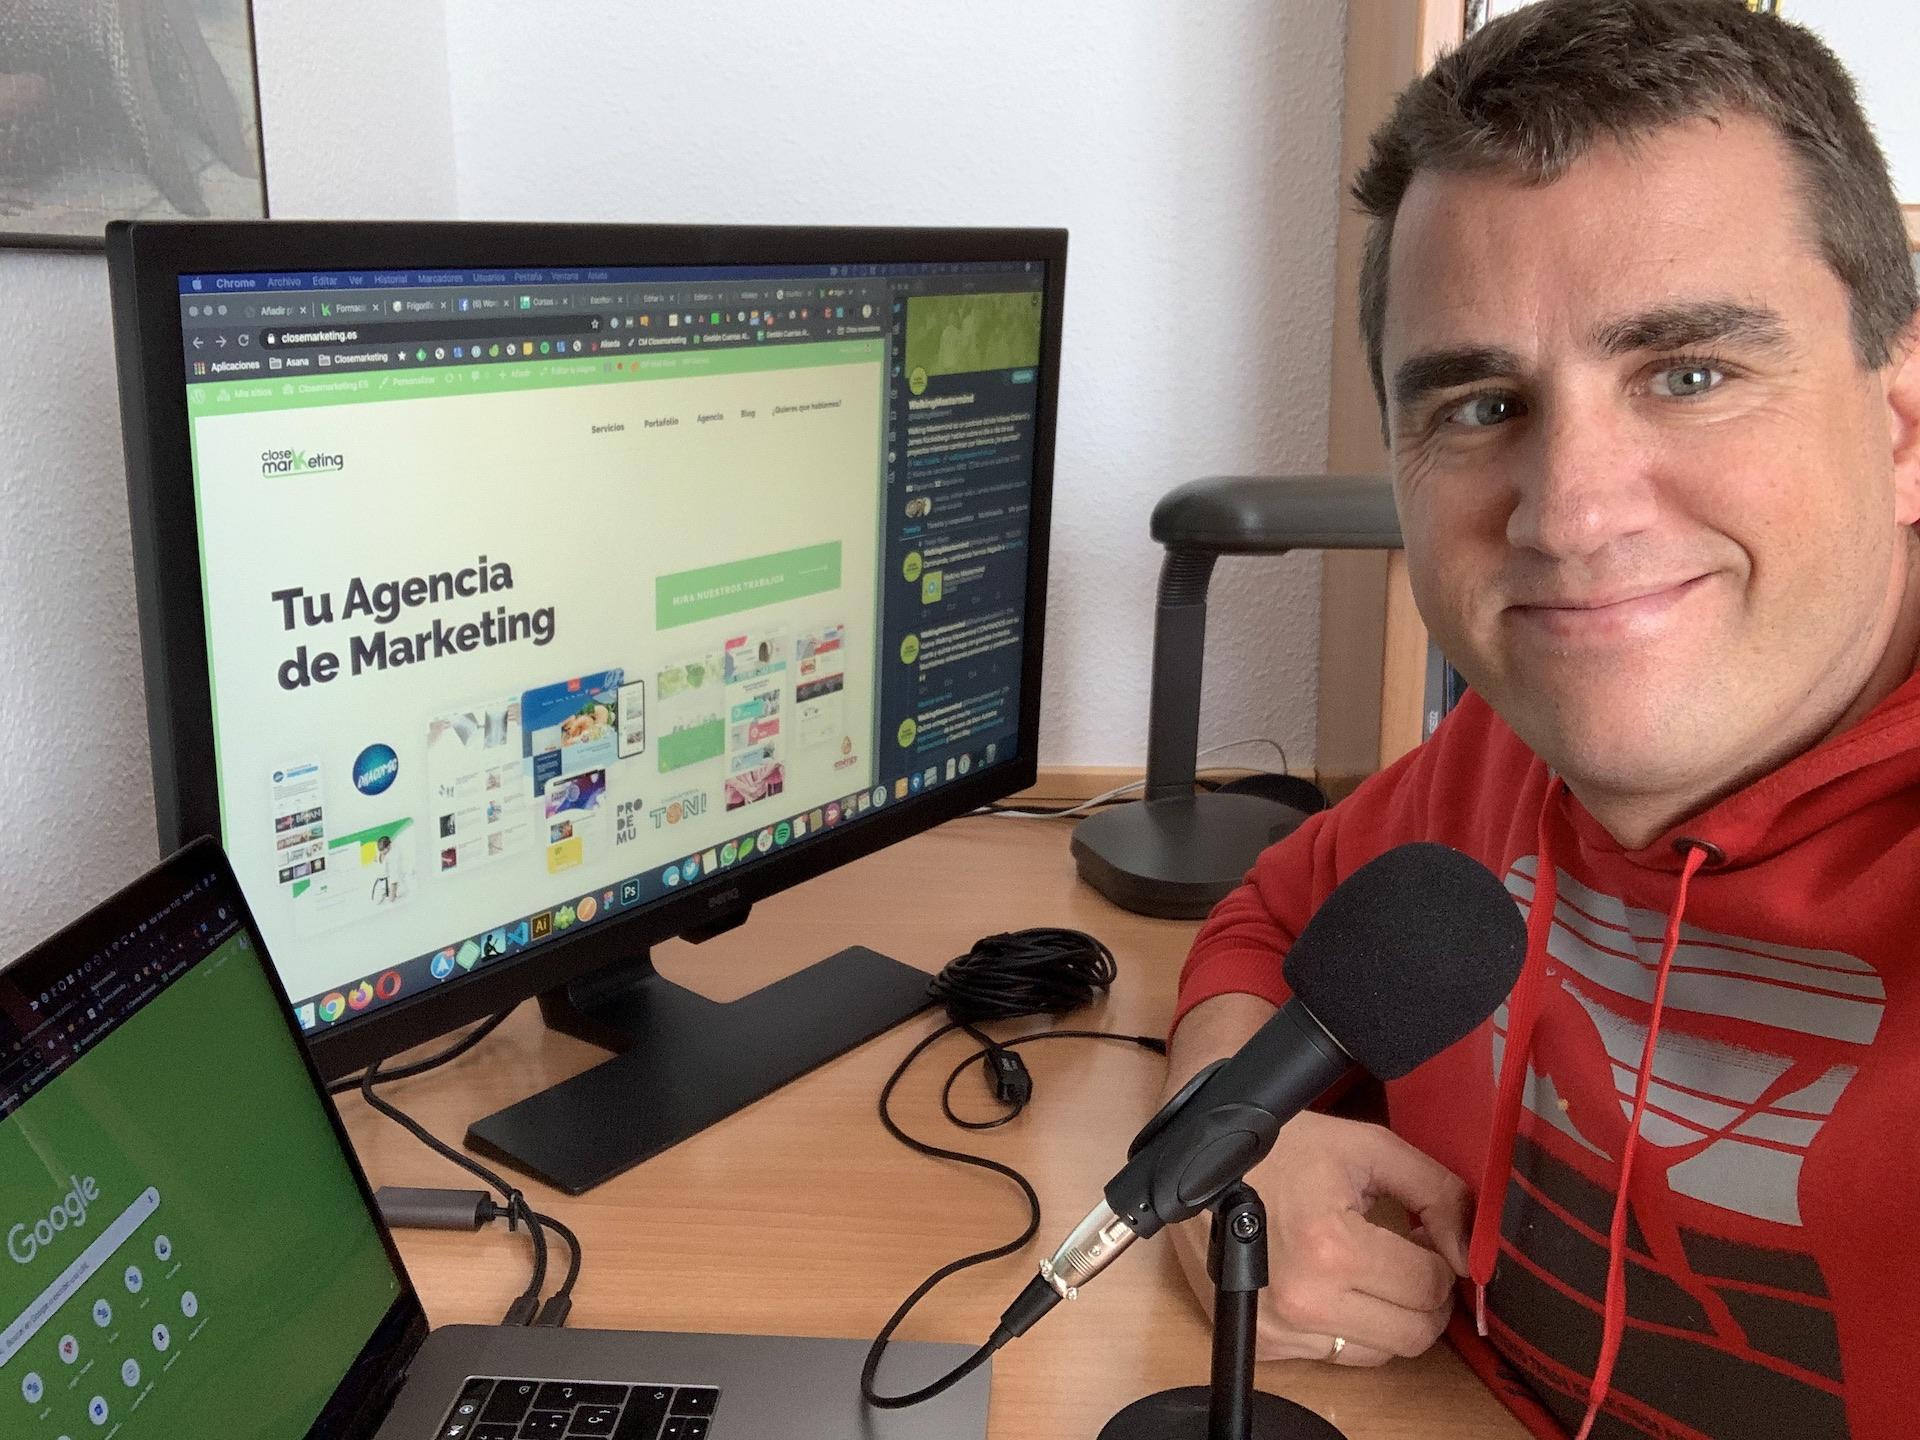 Diario del Teletrabajador: Día 7, ¡Desarrollo, Formación y Podcasts a tope!